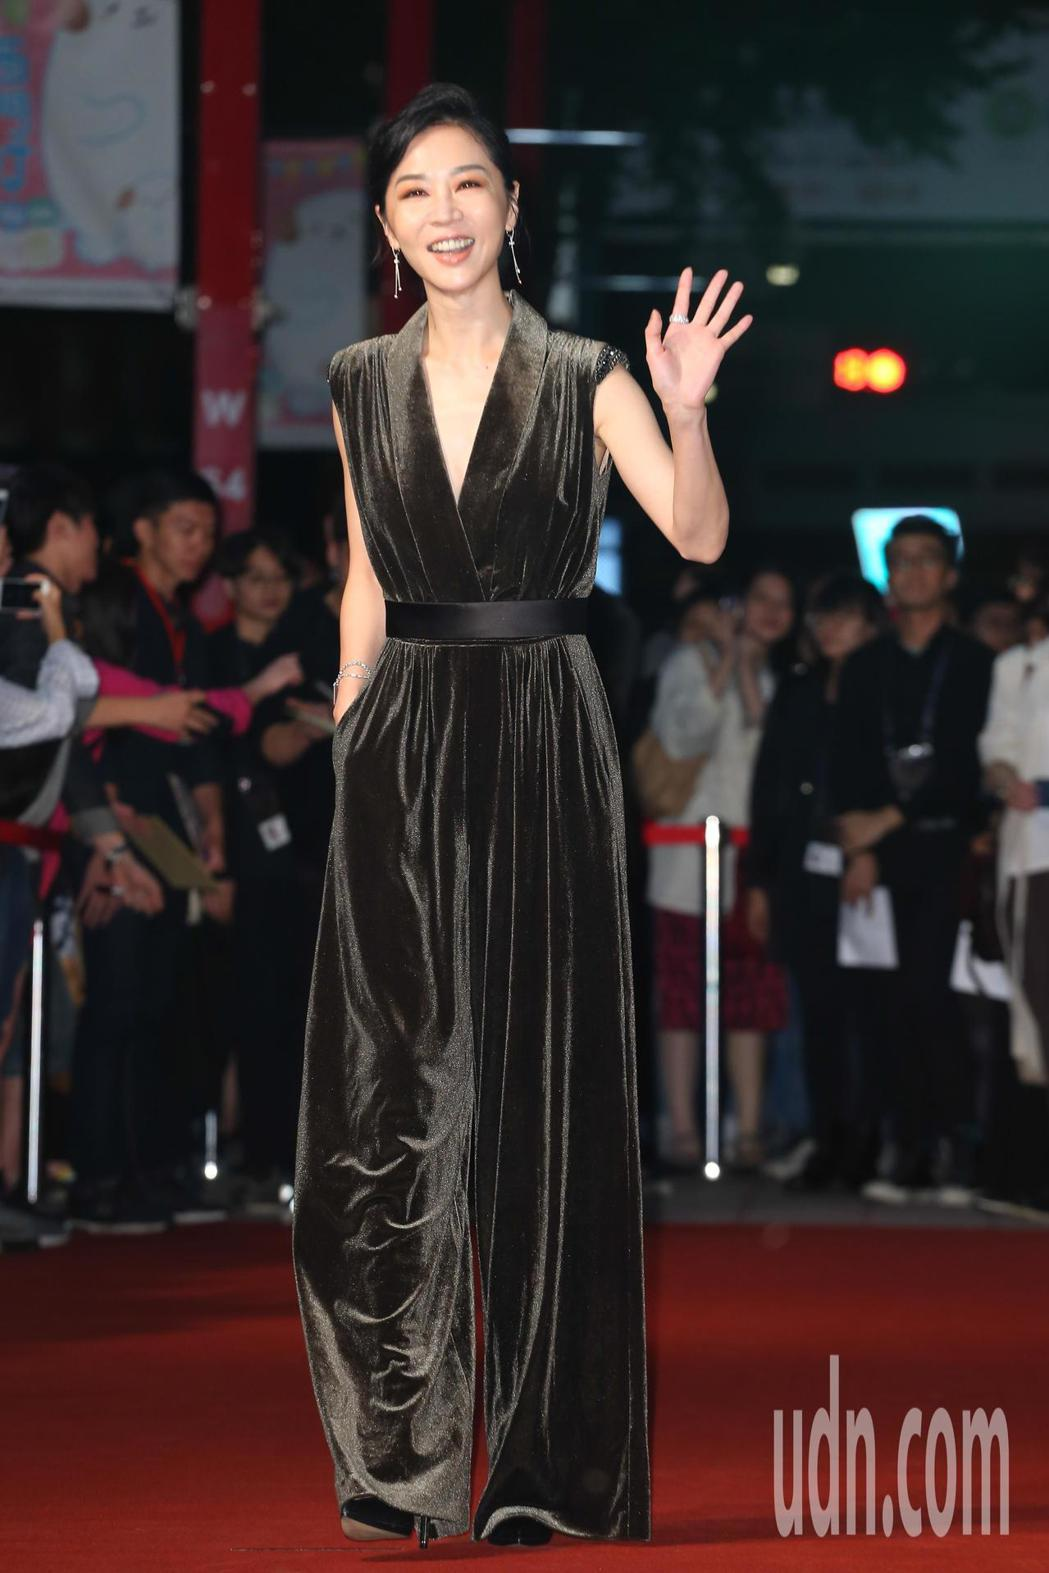 《誰先愛上他的》演員謝盈萱今天出席金馬影展紅毯之夜。記者葉信菉/攝影